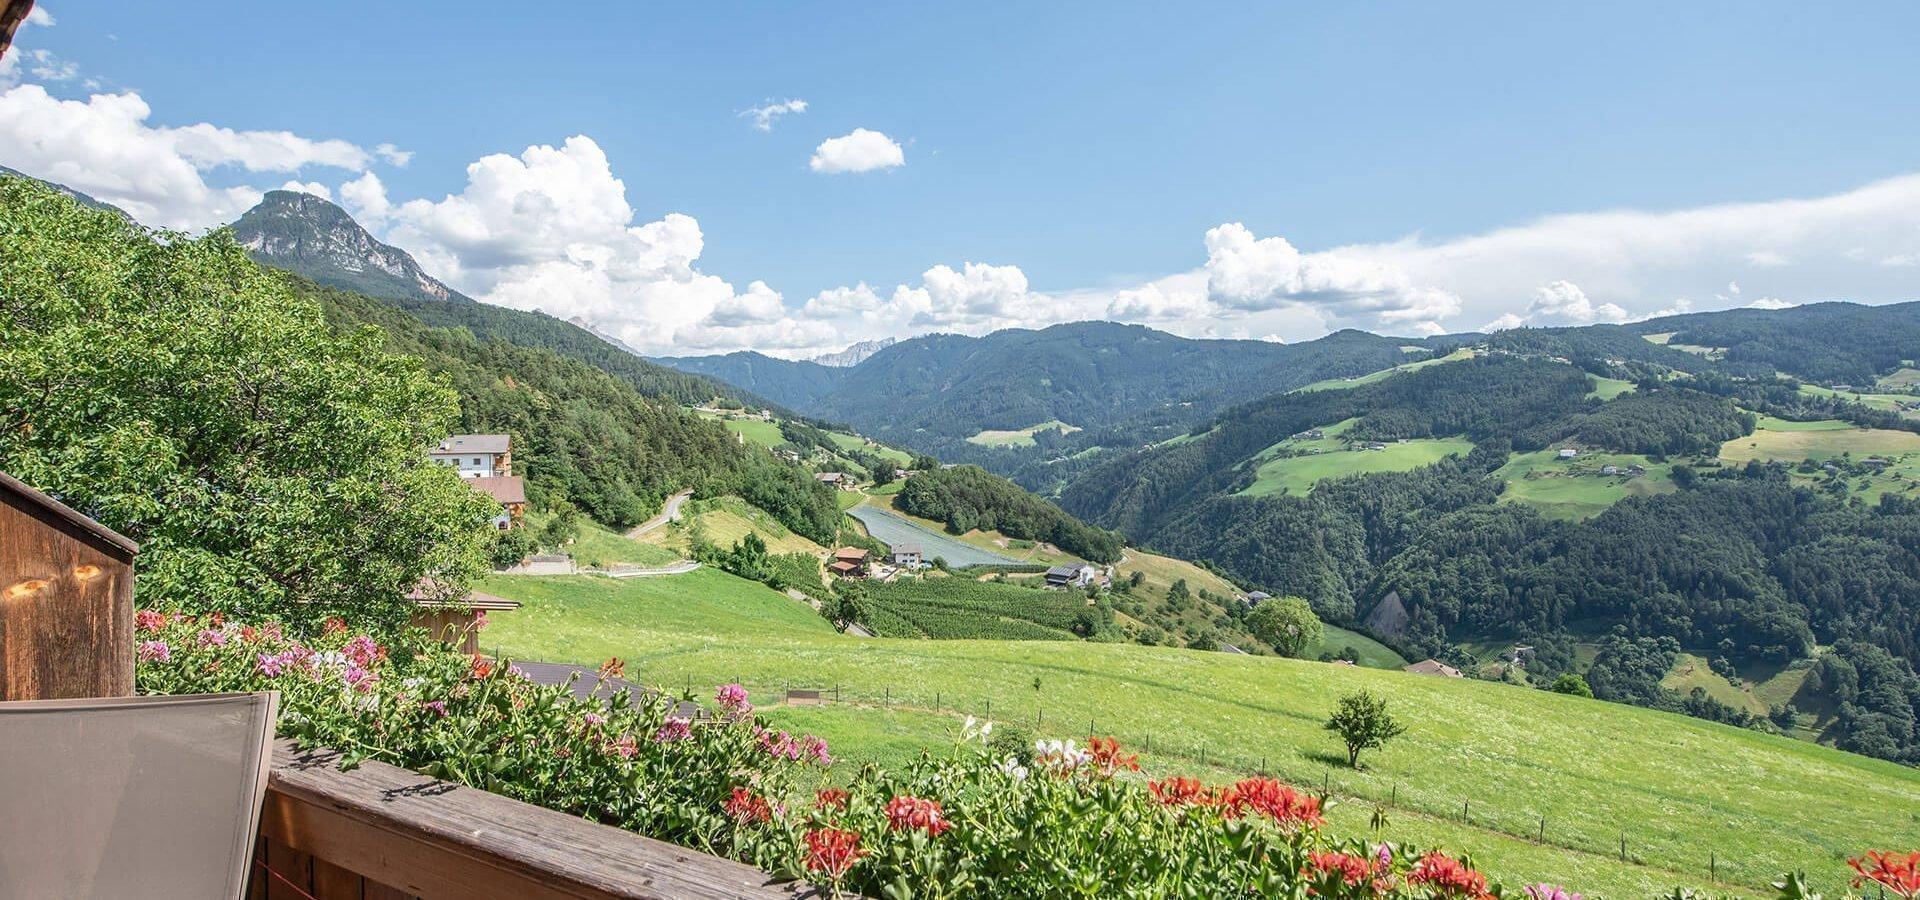 Sommerurlaub in den Dolomiten – Wanderurlaub Seiser Alm